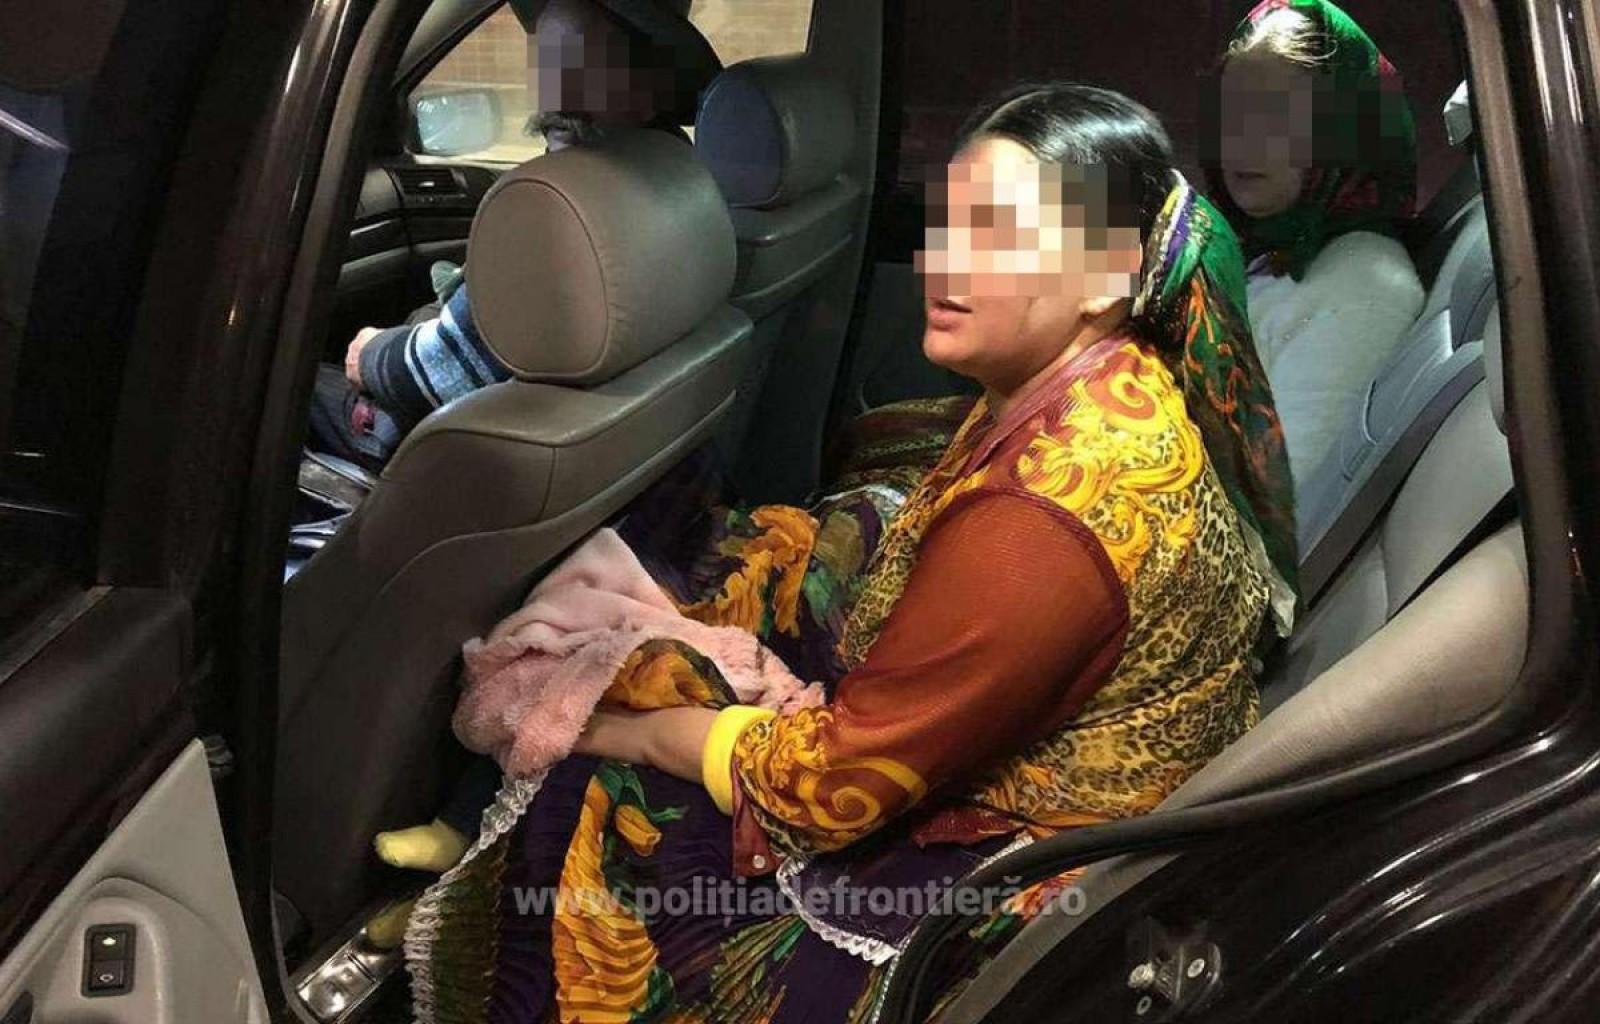 România: O femeie şi-a ascuns bebeluşul sub fustă, ca să-l treacă ilegal de frontieră